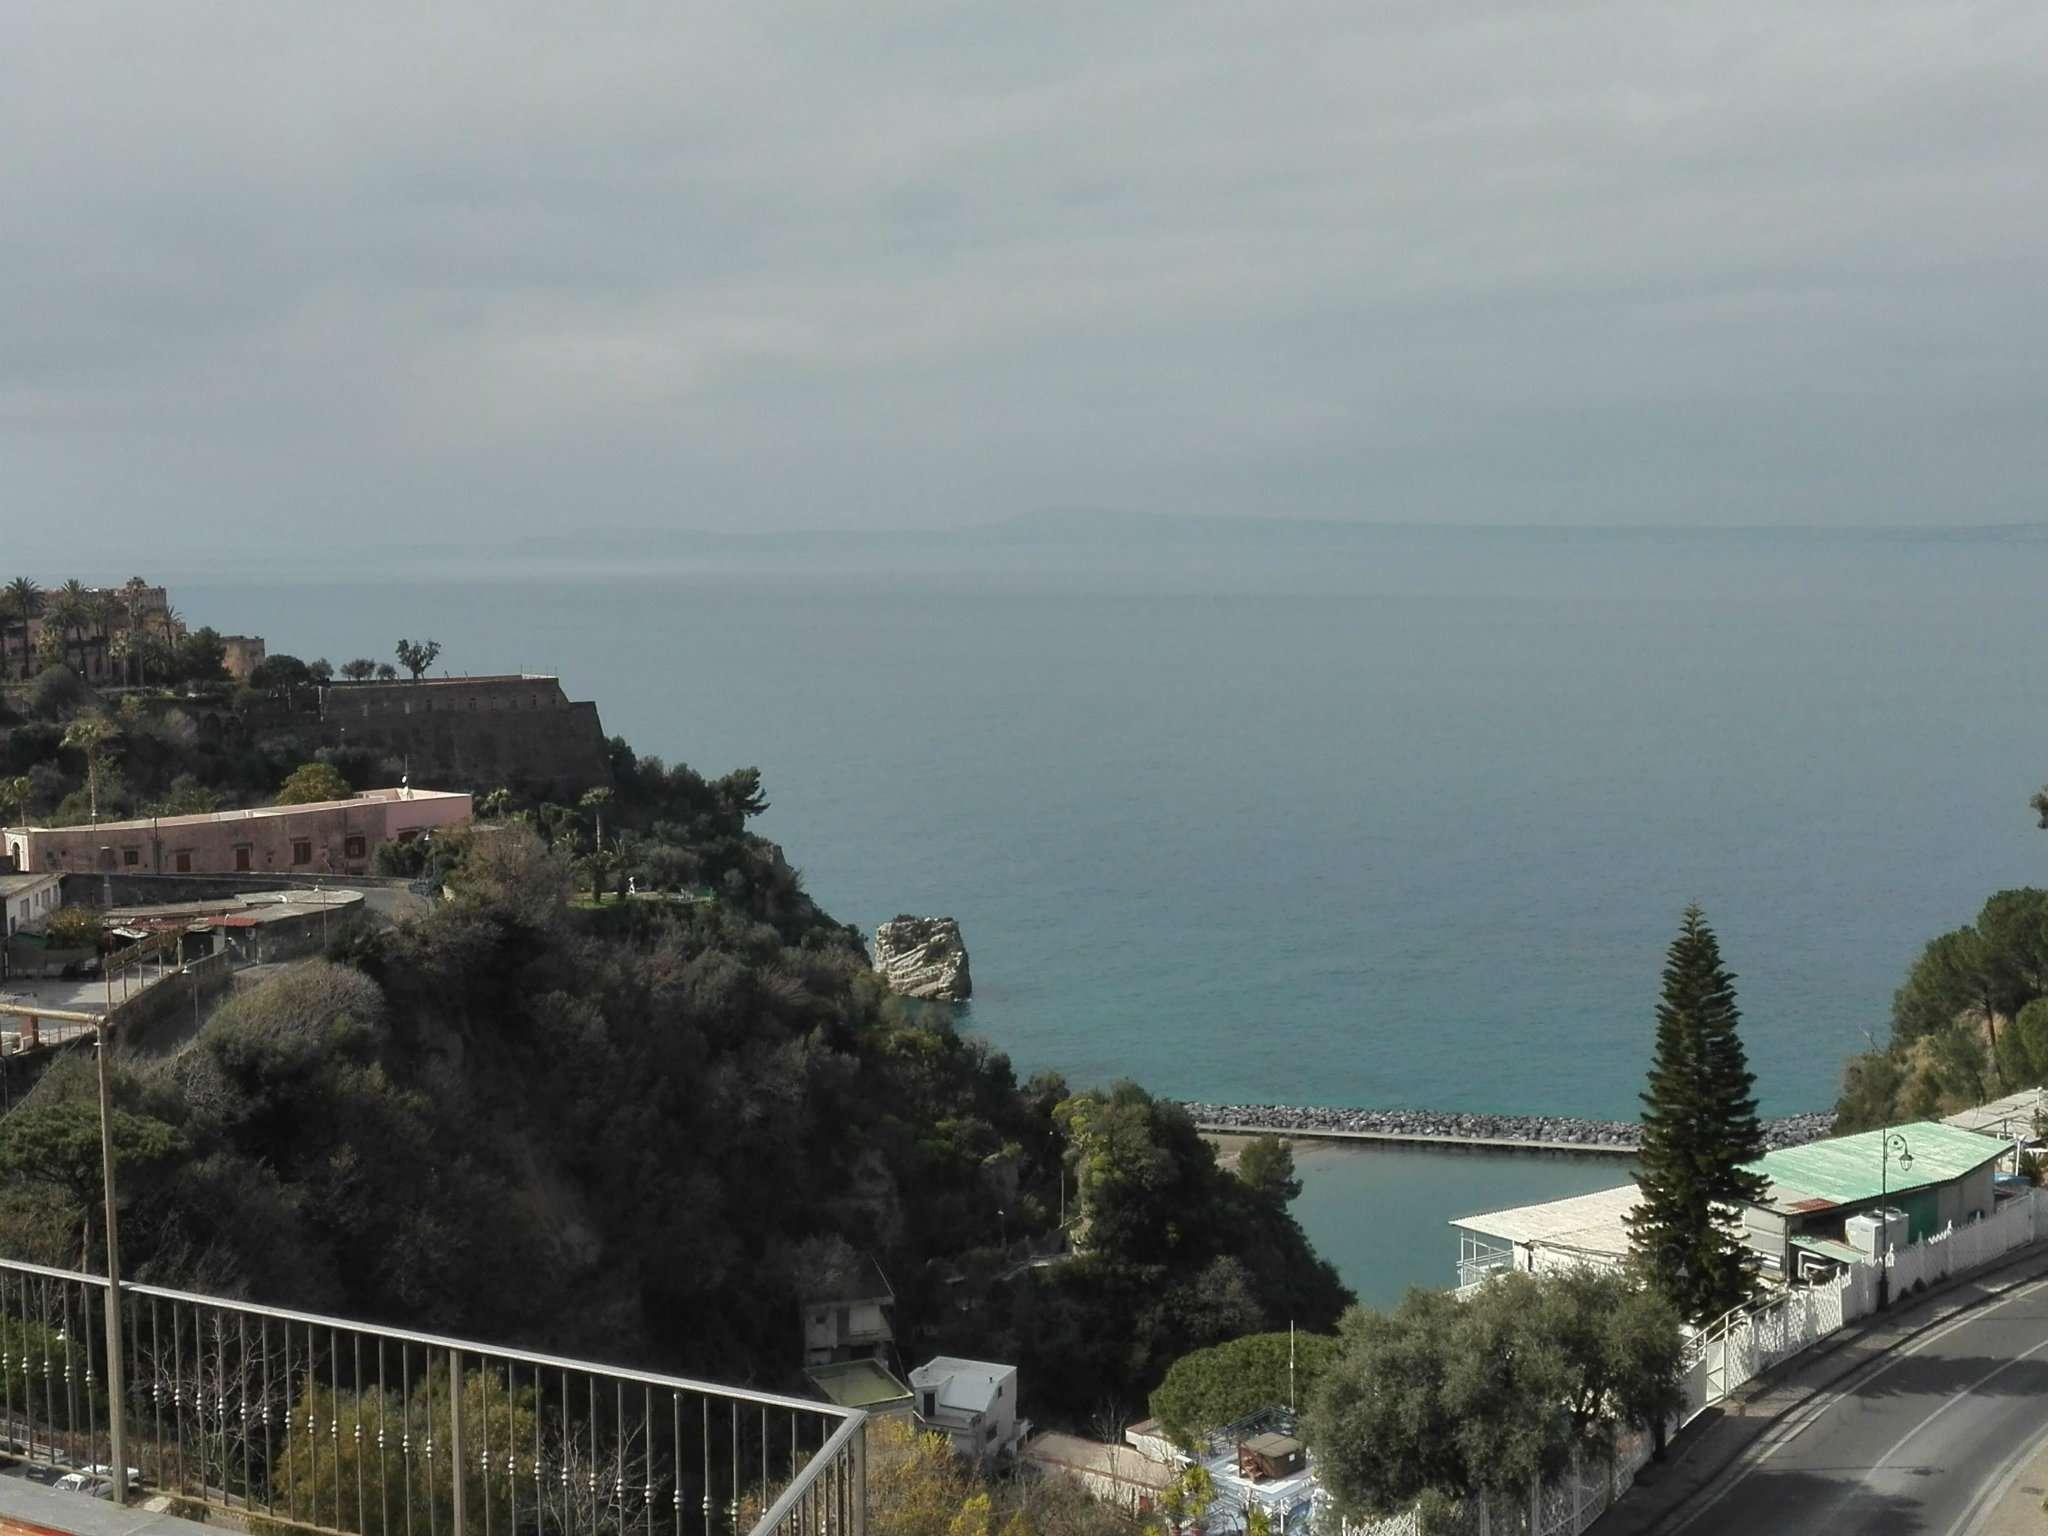 Appartamento in vendita a Vico Equense, 5 locali, prezzo € 330.000 | Cambio Casa.it